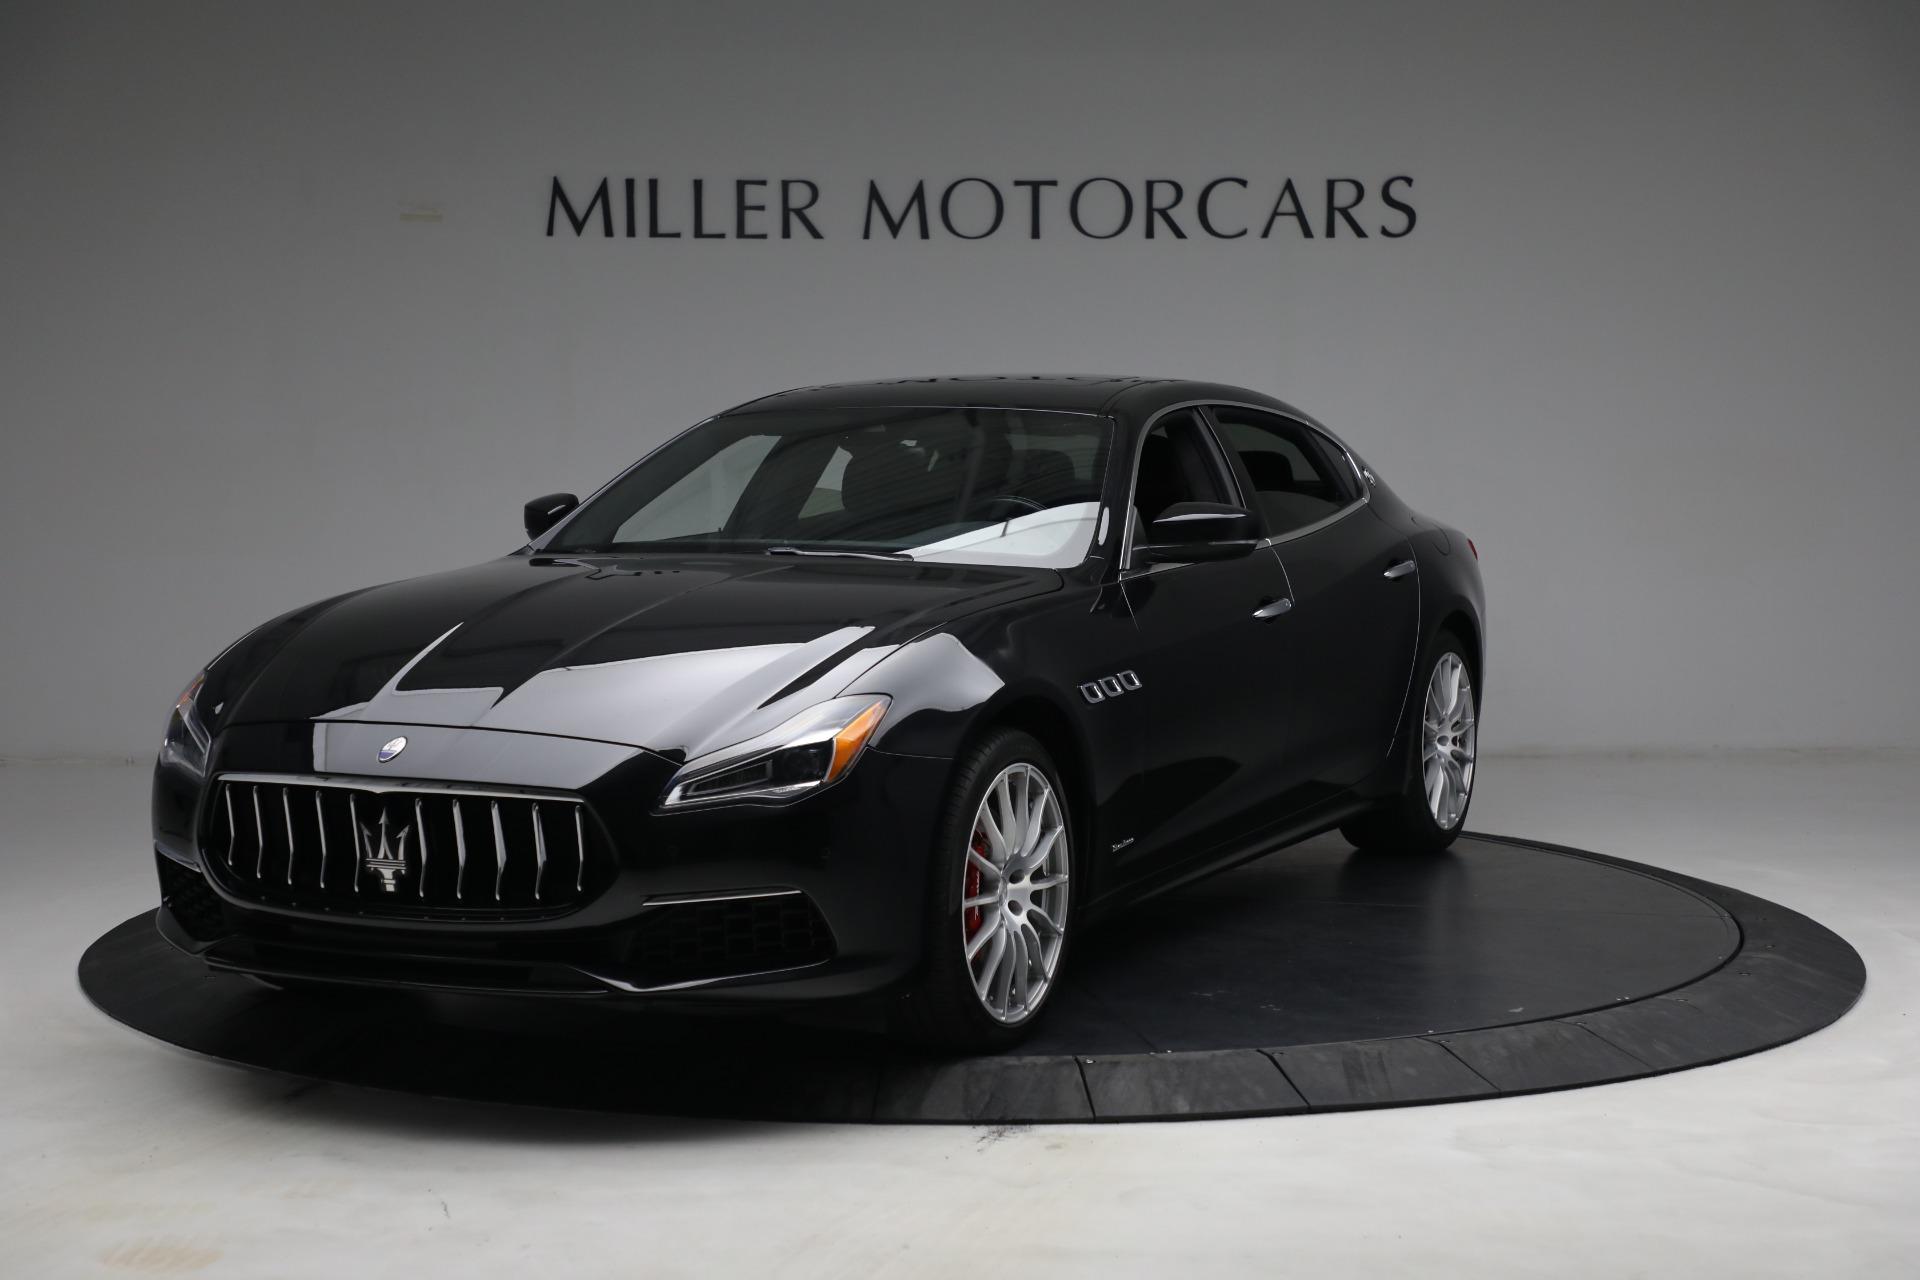 Used 2019 Maserati Quattroporte S Q4 GranLusso for sale $69,900 at McLaren Greenwich in Greenwich CT 06830 1